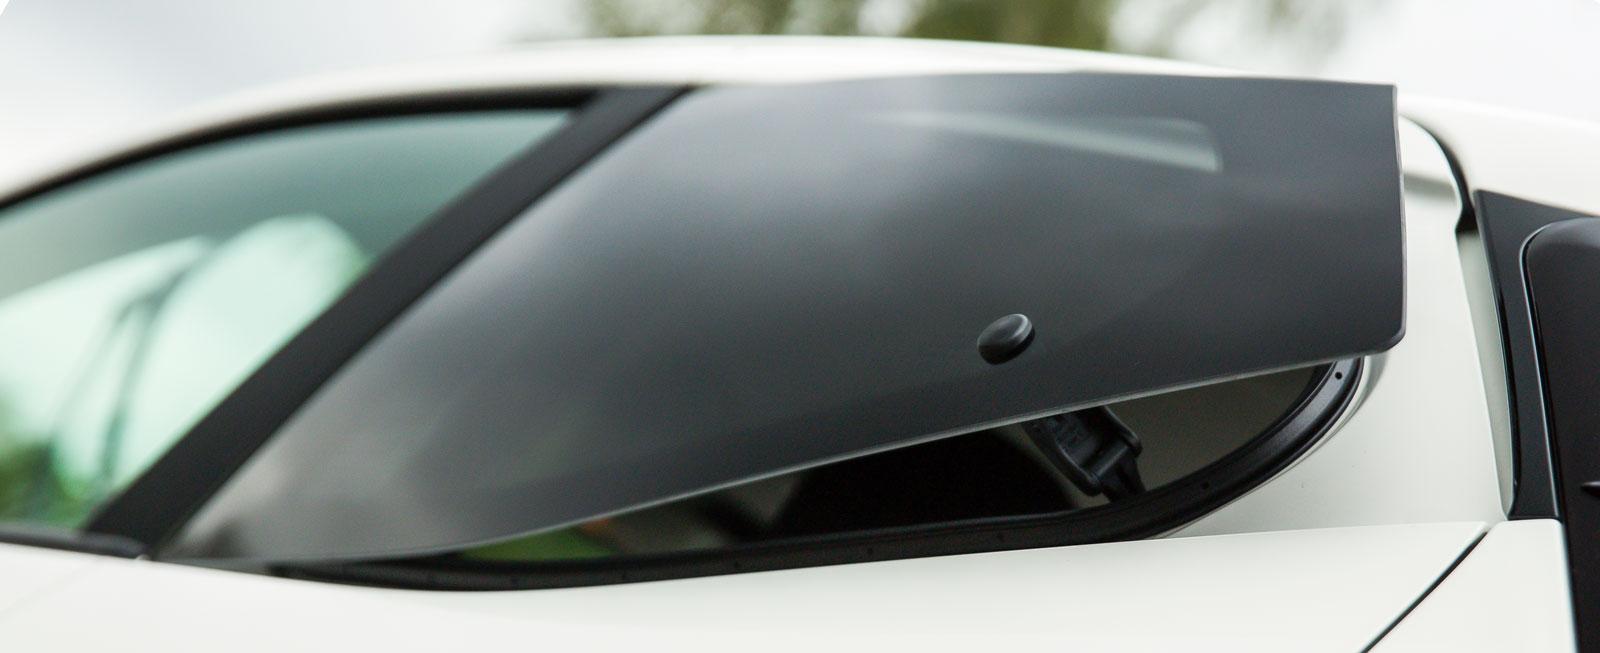 Aygos bakrutor kan inte vevas ned, utan enbart öppnas i bakkant. Samma lösning finns för övrigt på VW Up.